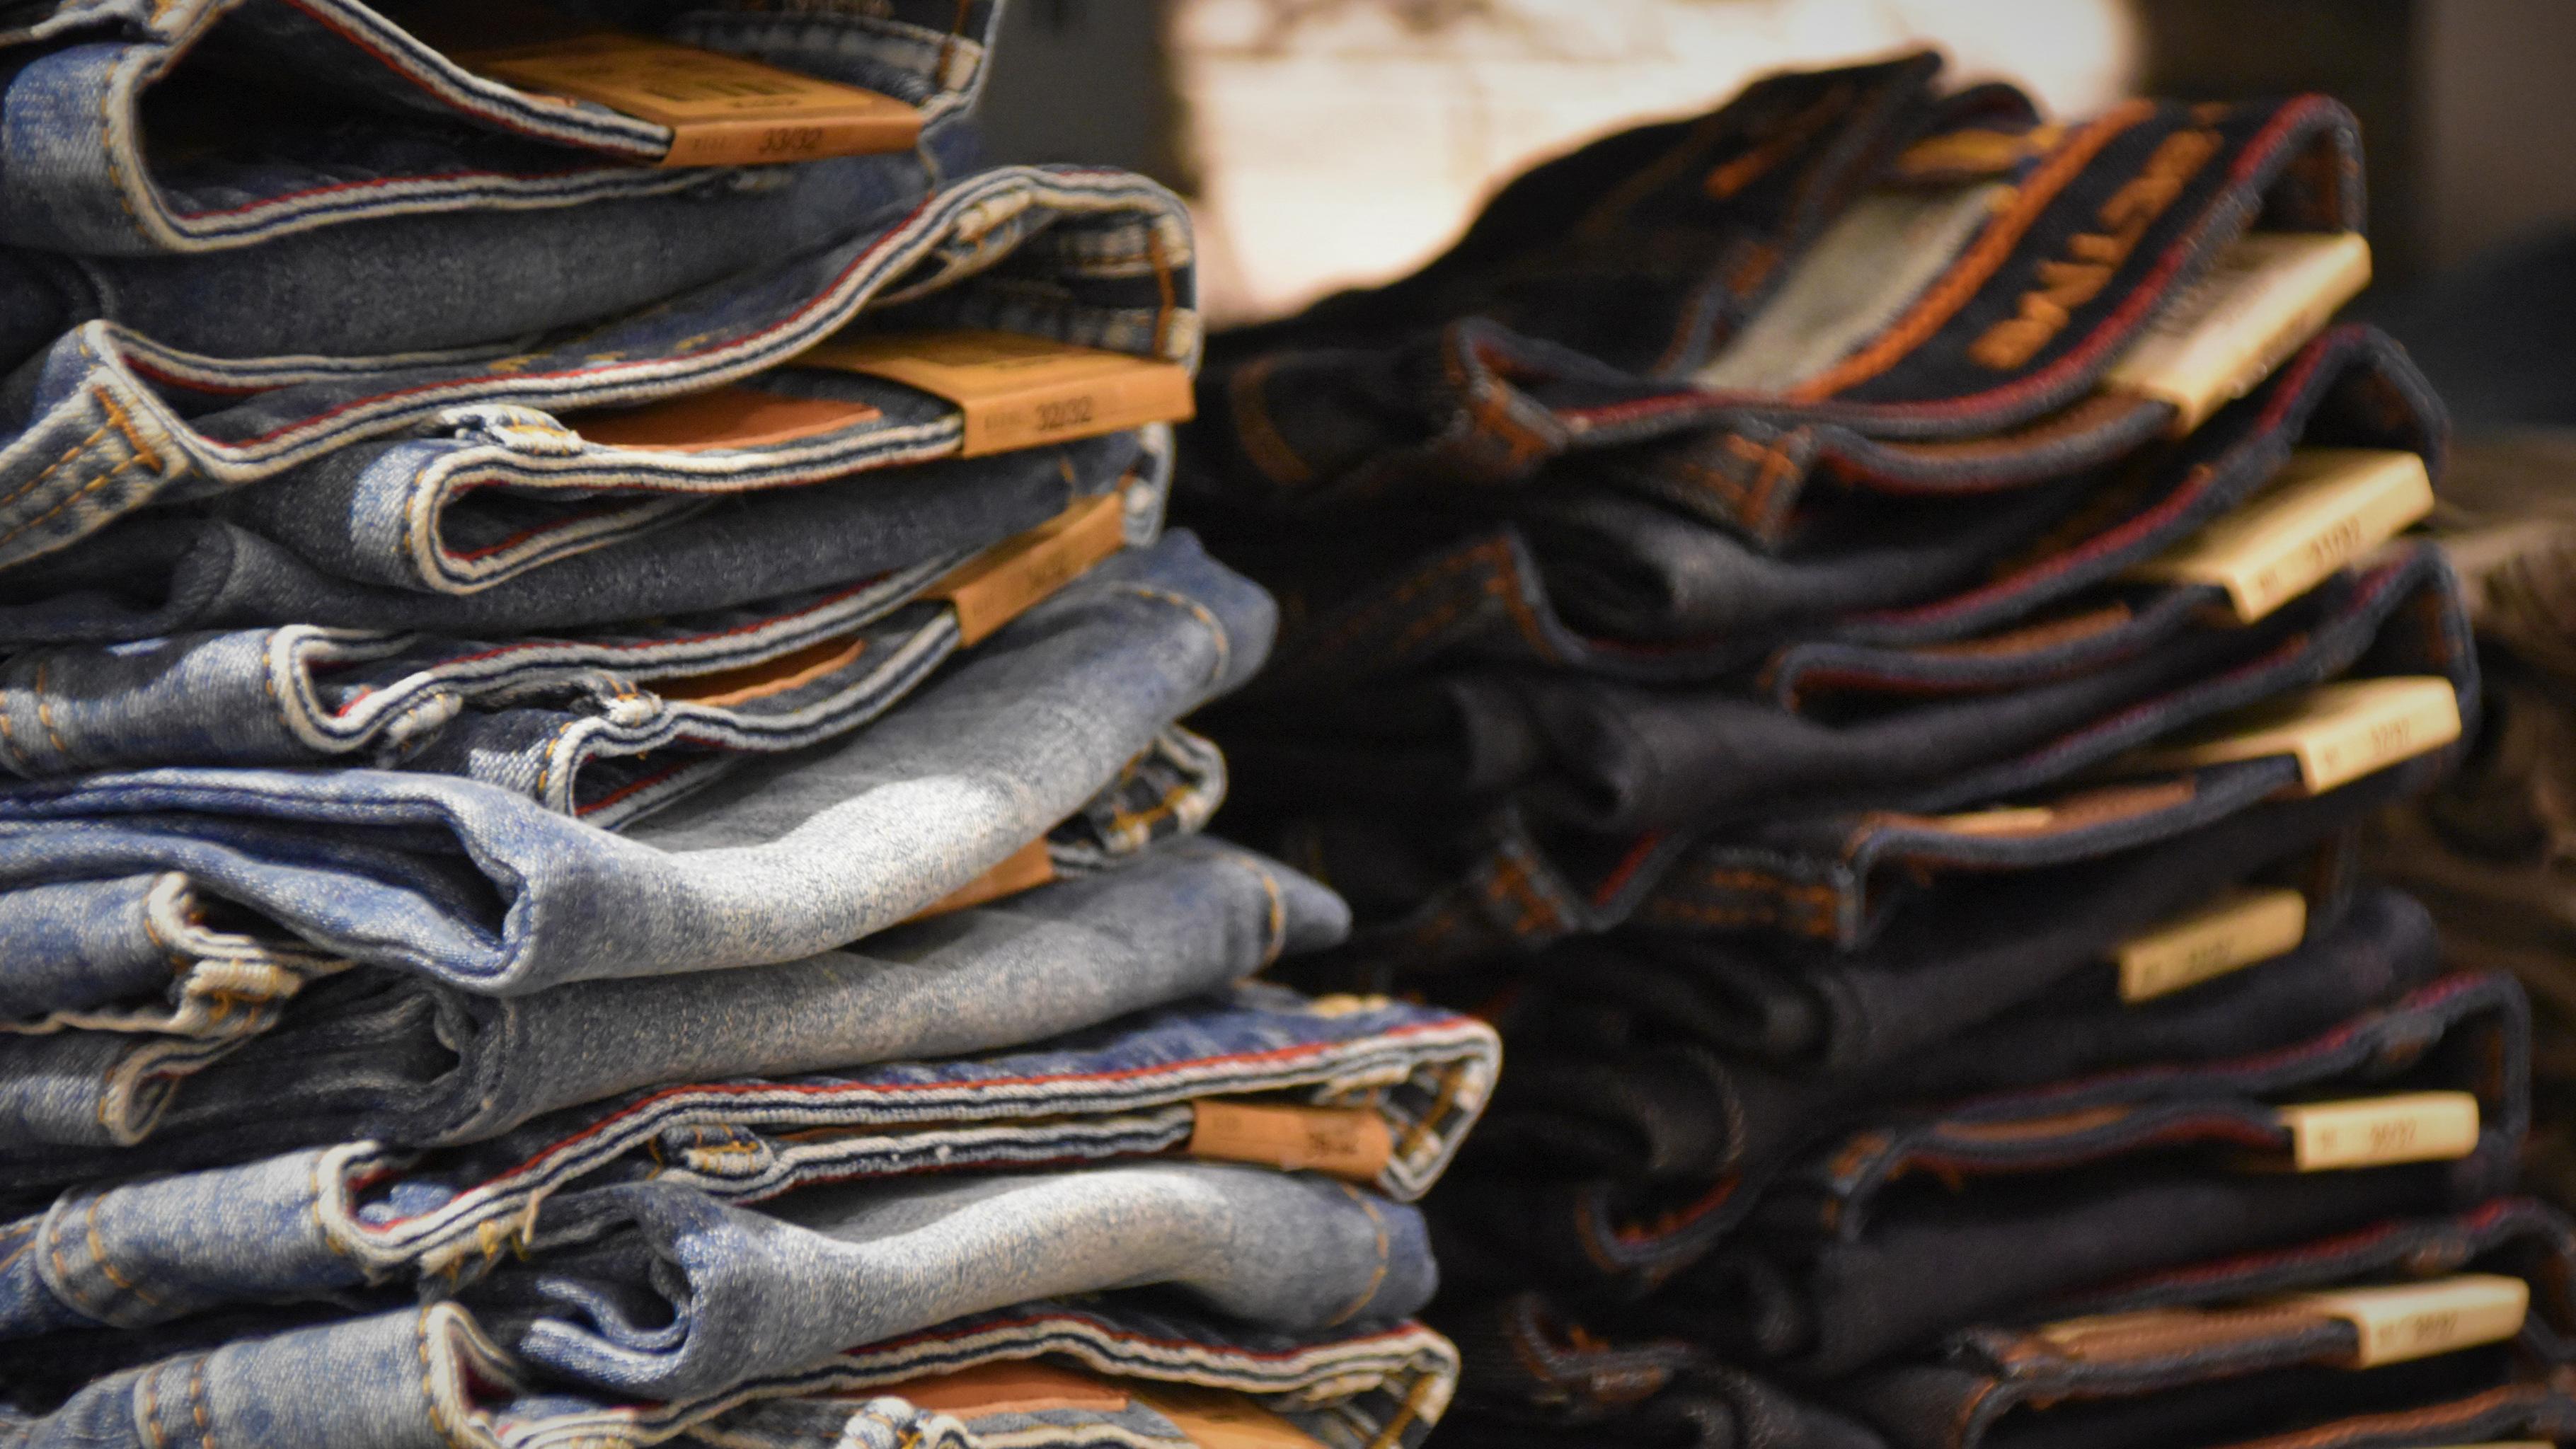 neue Jeans auf einem Stapel